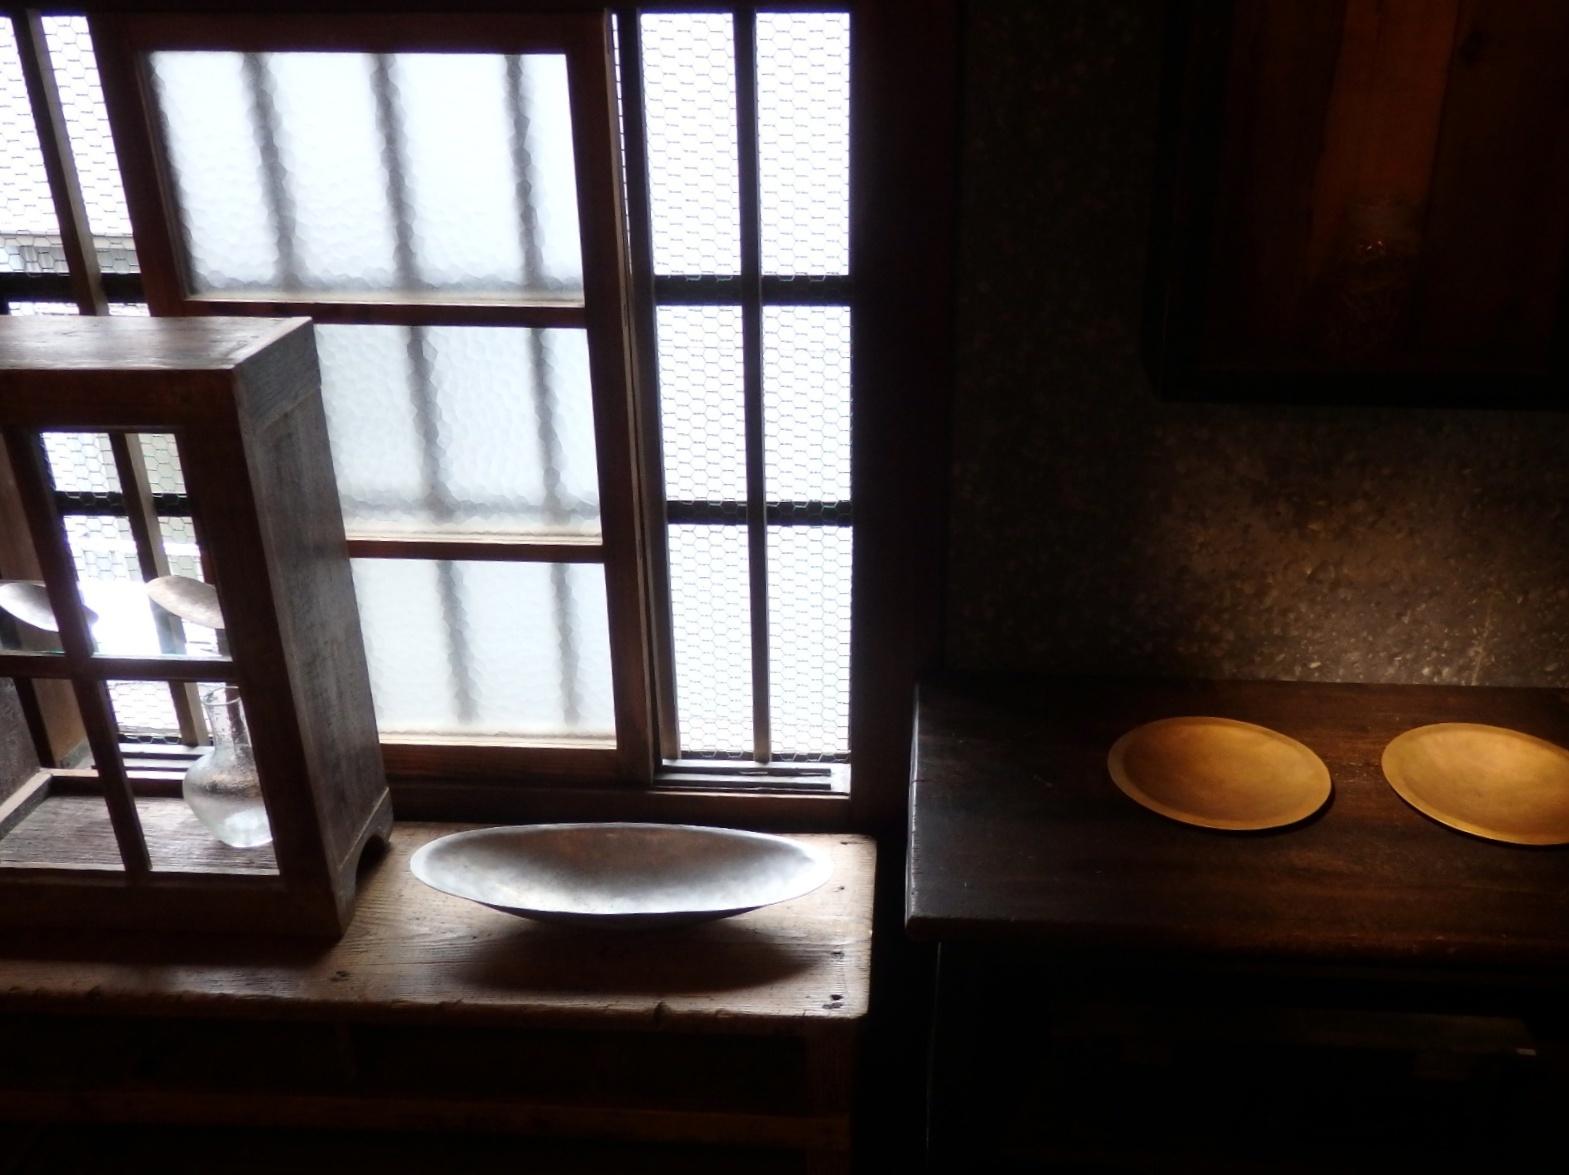 梅雨曇りの鳥越アート散策_f0351305_22291724.jpeg